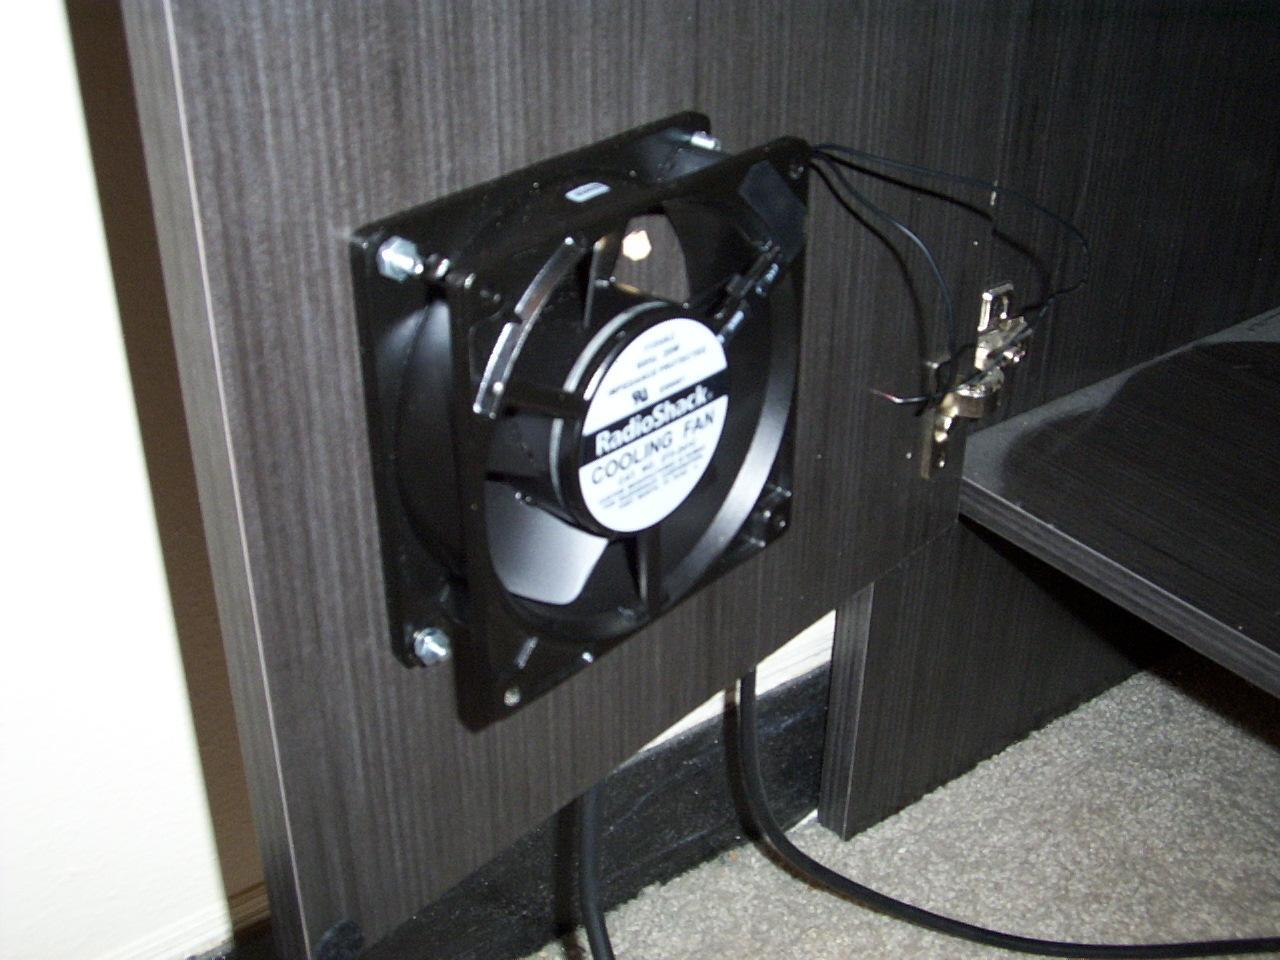 The fan mounted & Fans Projects